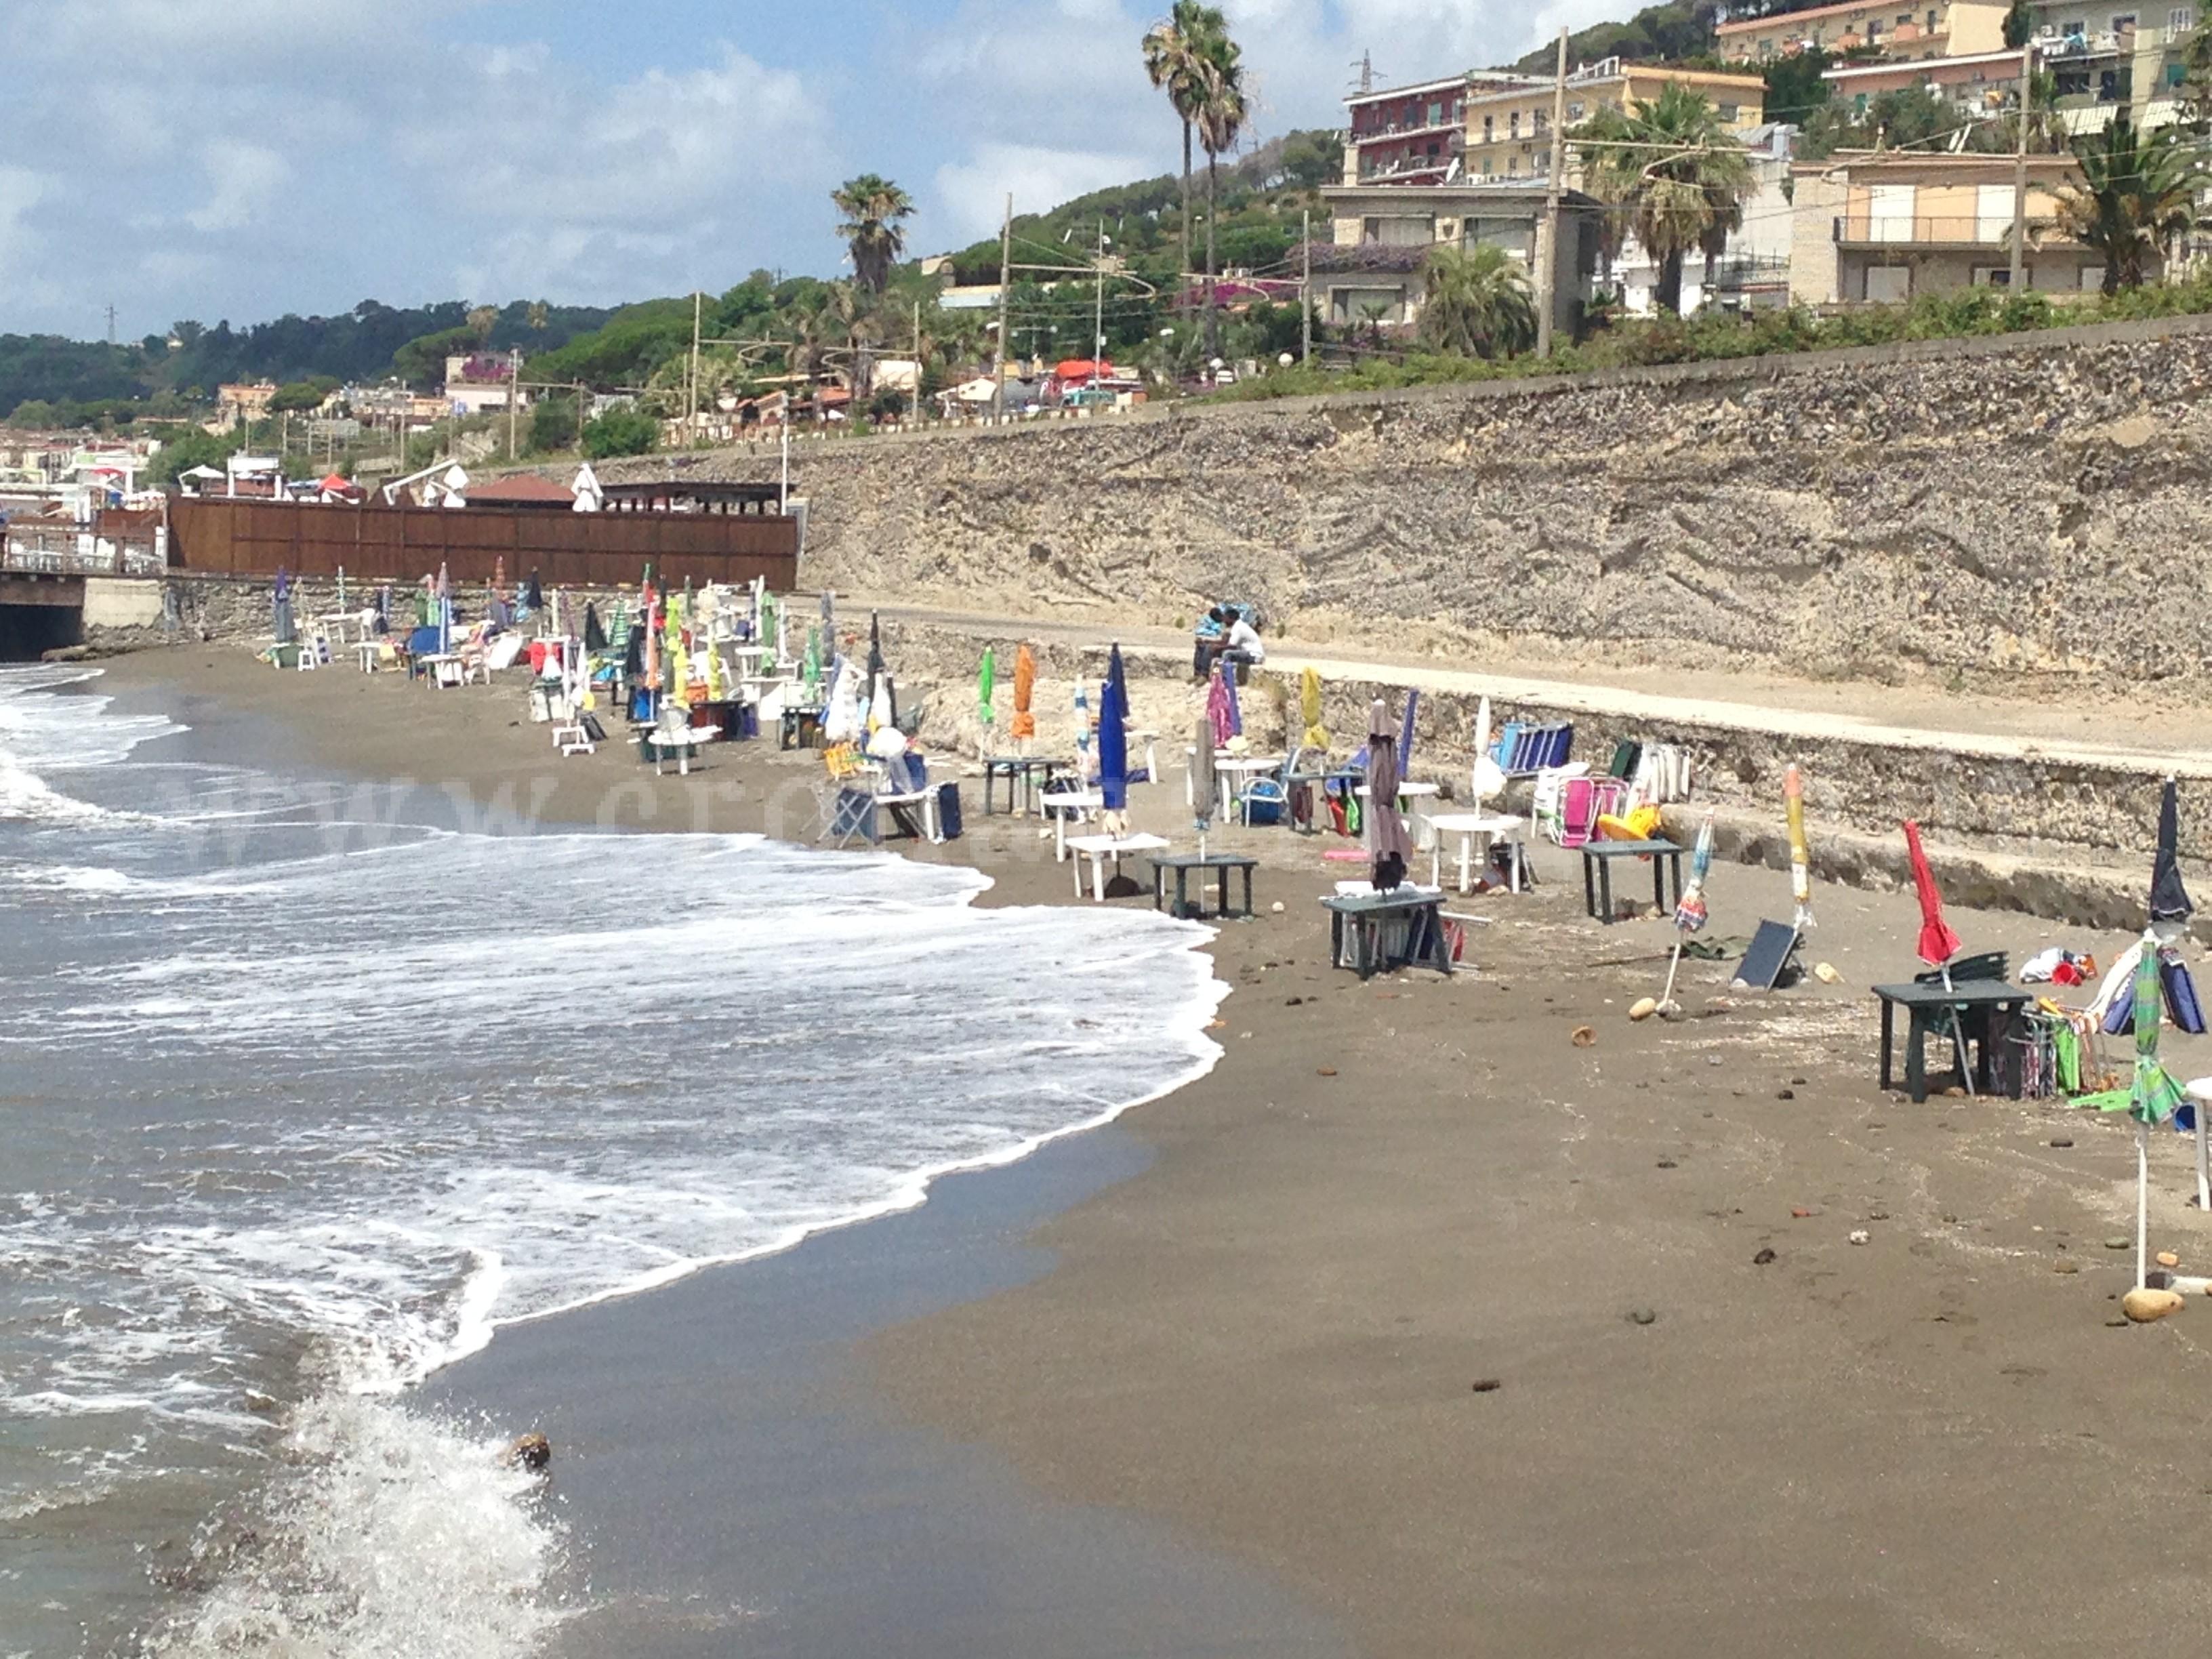 Matrimonio Spiaggia Pozzuoli : Pozzuoli spiaggia libera occupata abusivamente